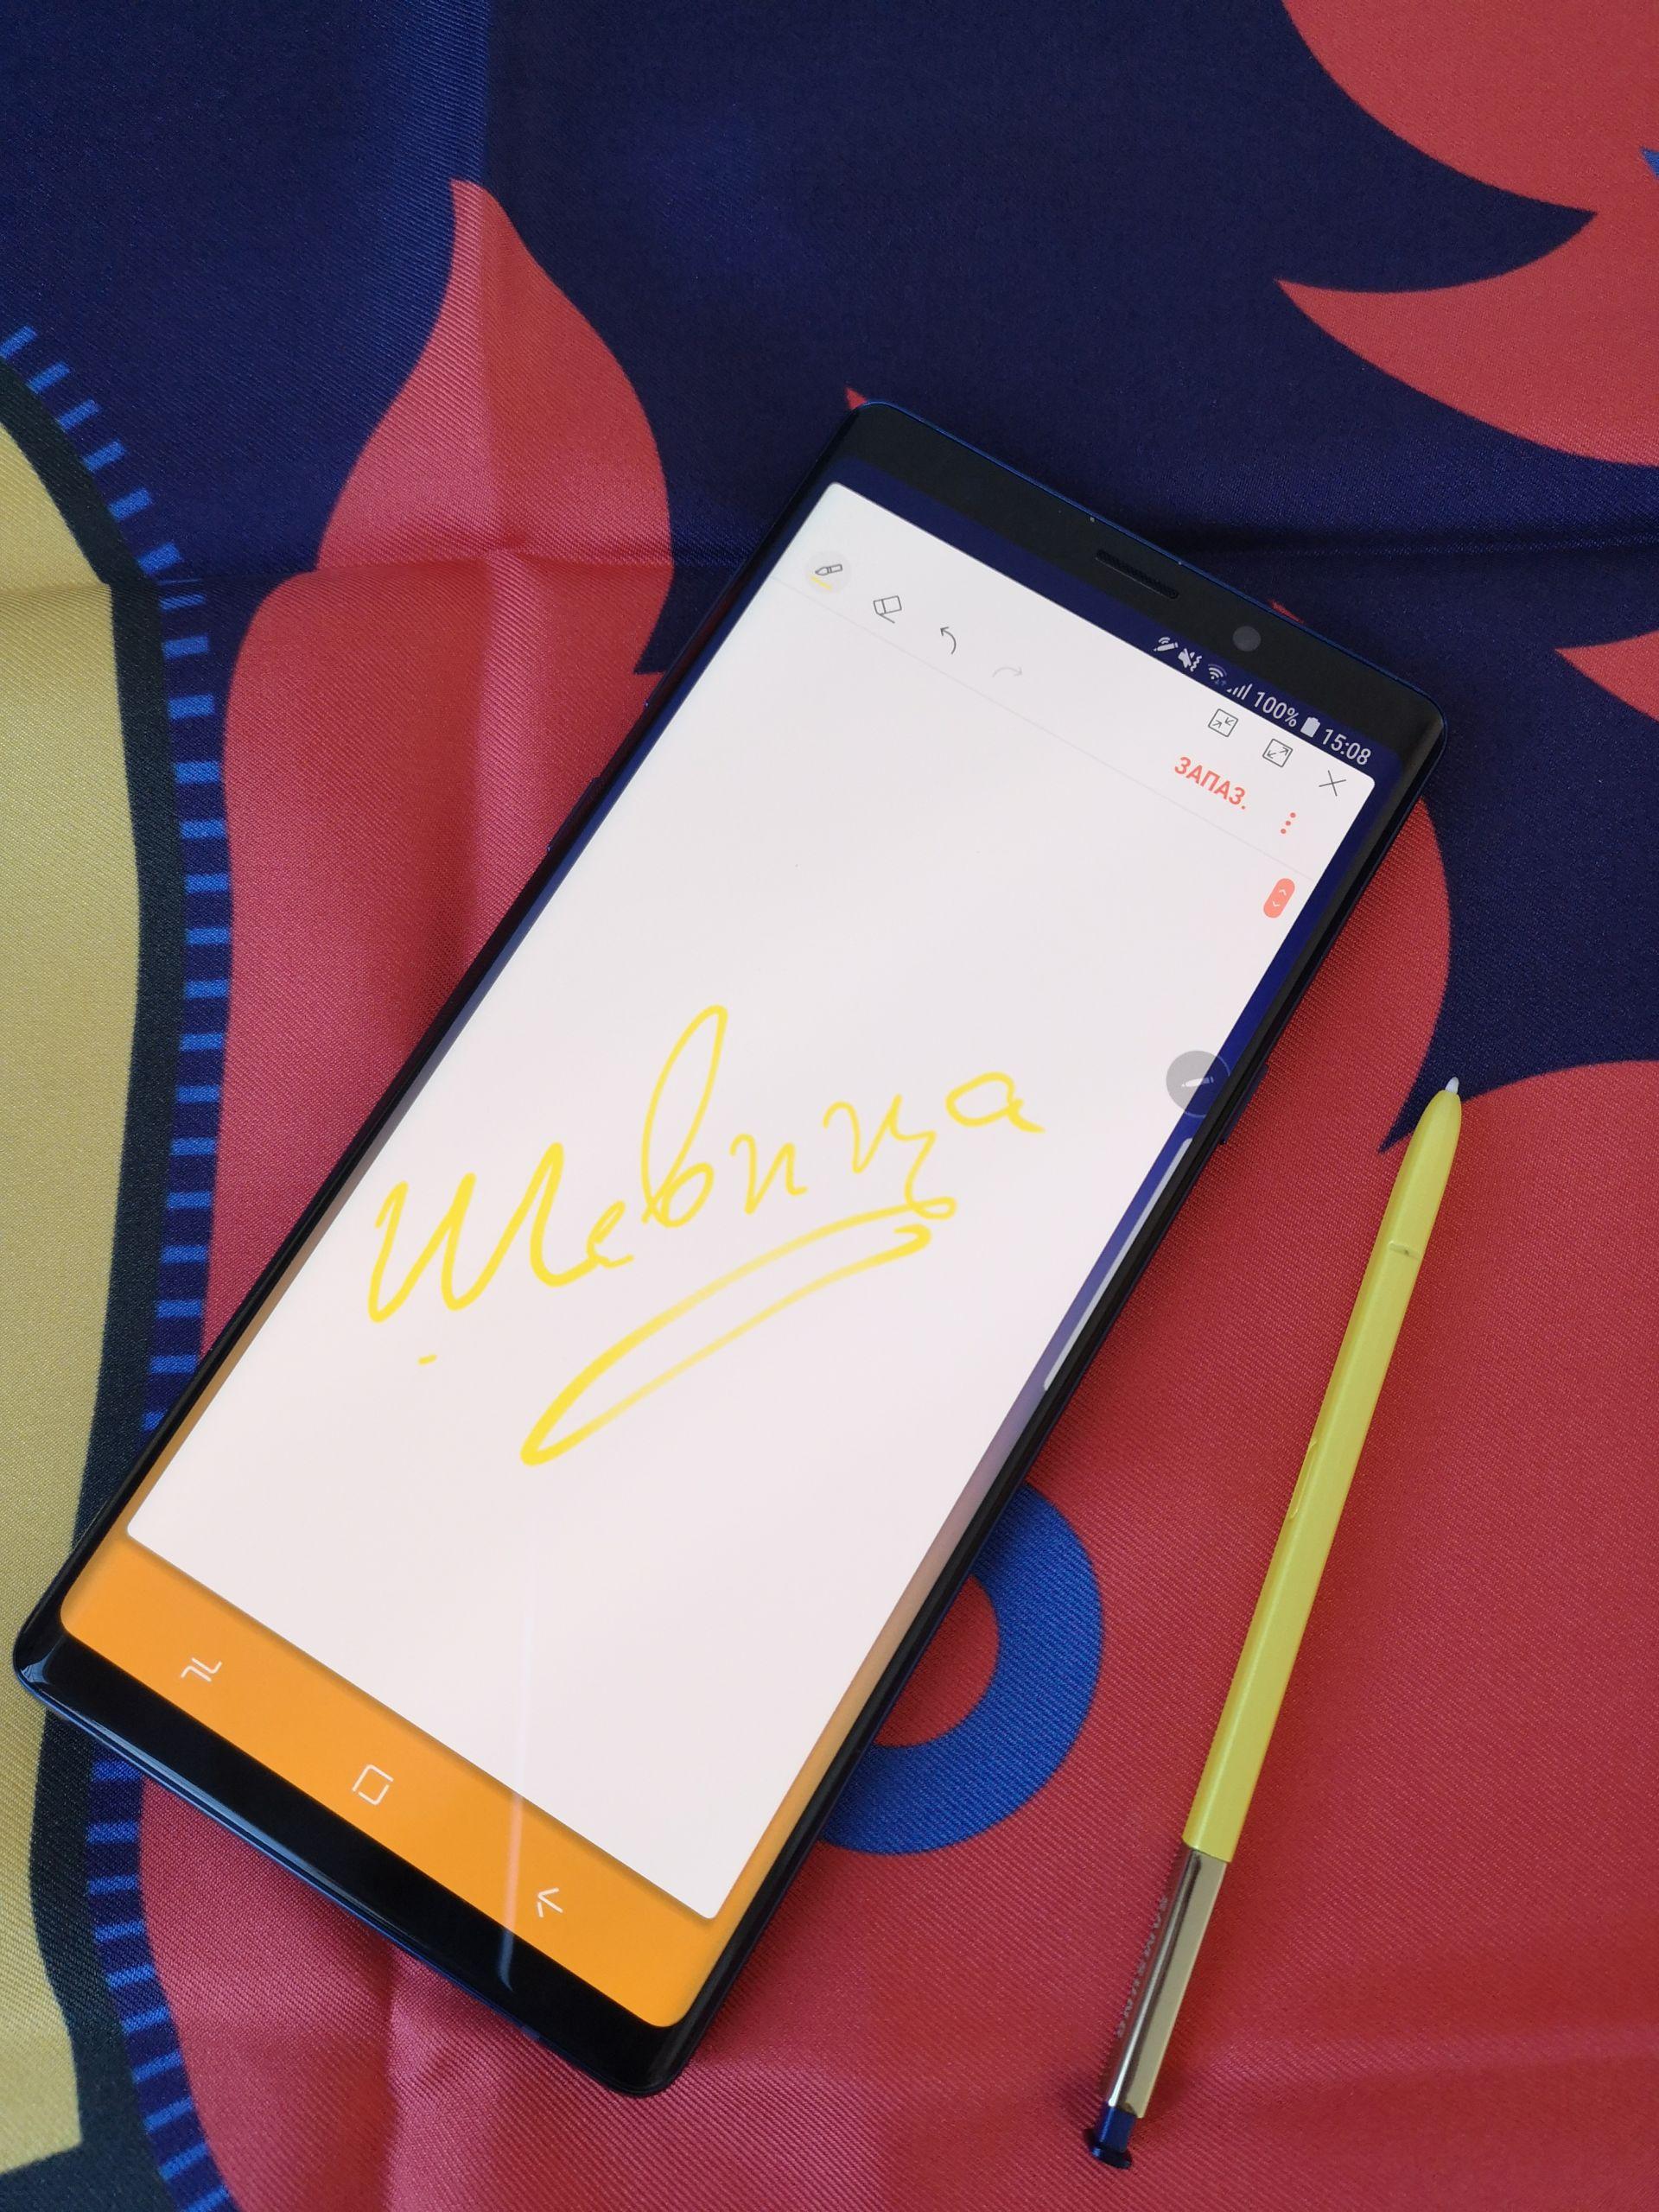 Със S Pen на Galaxy Note9 може да правите всичко - да записвате важни бележки без тефтер, а защо не и да рисувате шевици